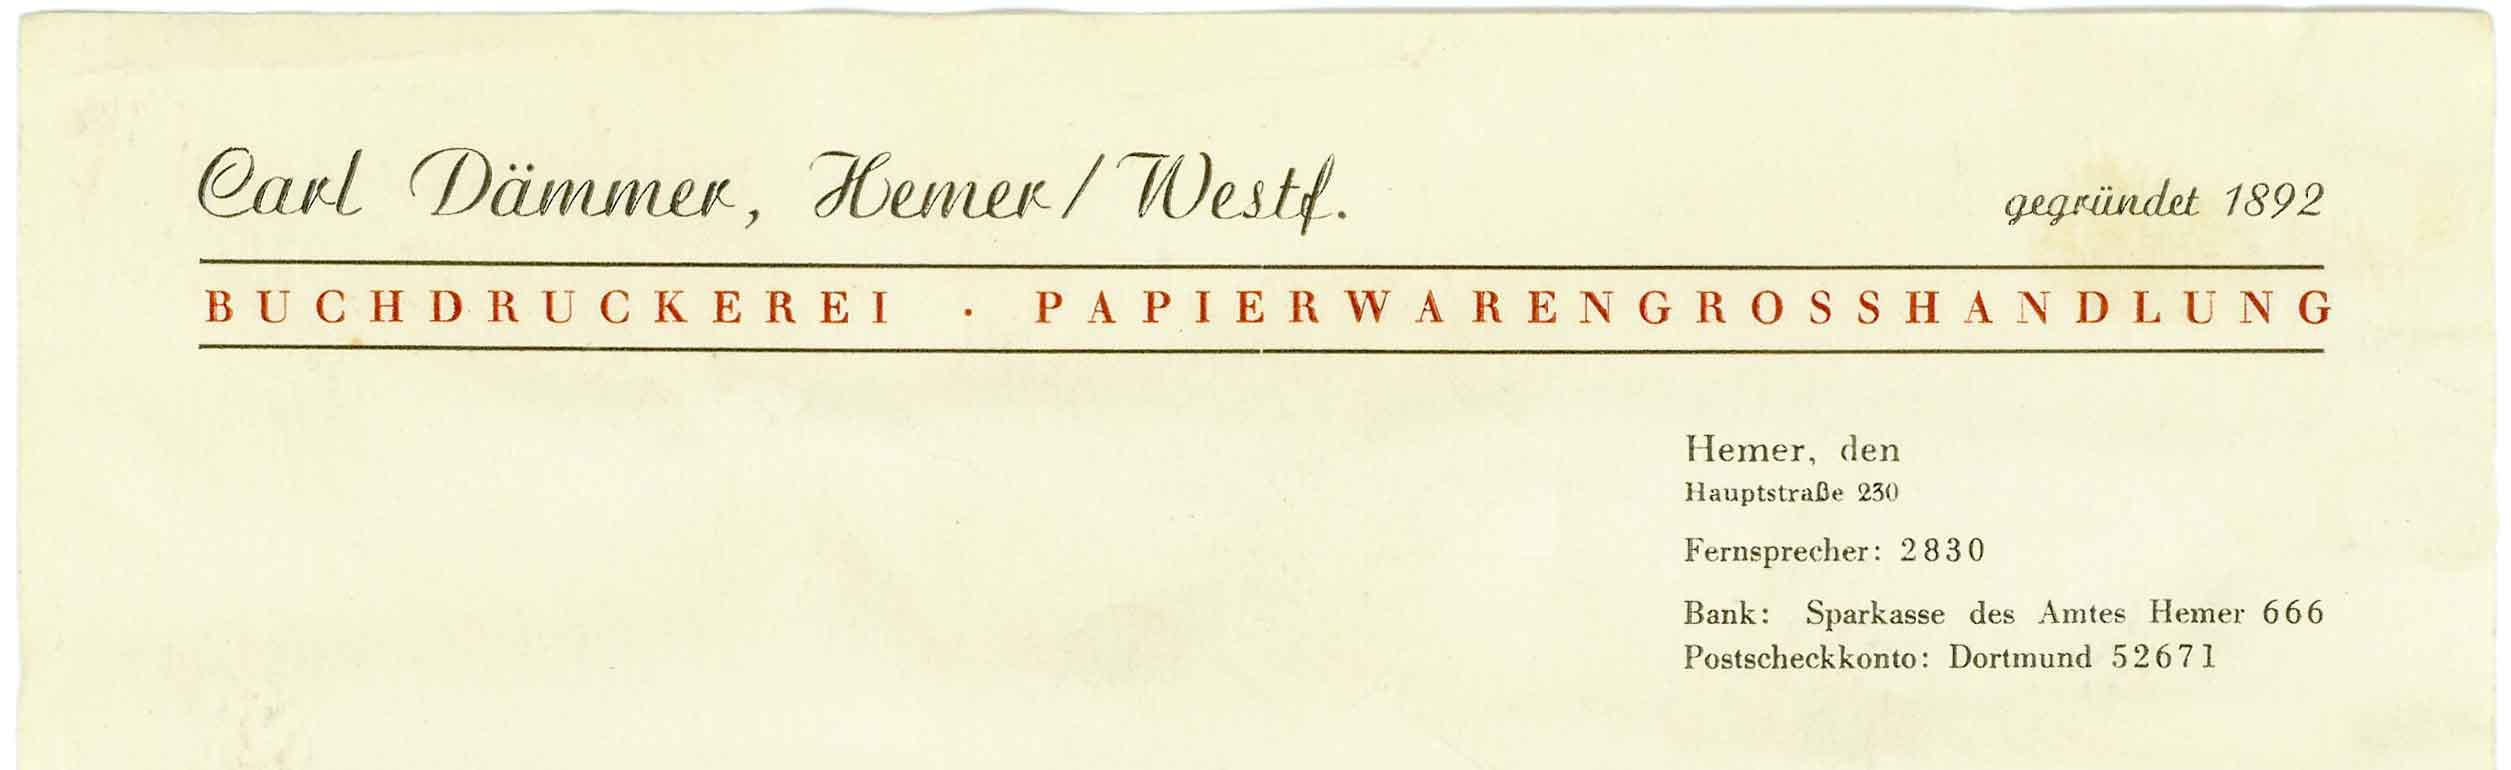 Briefbogen Druckerei Carl Dämmer 1971